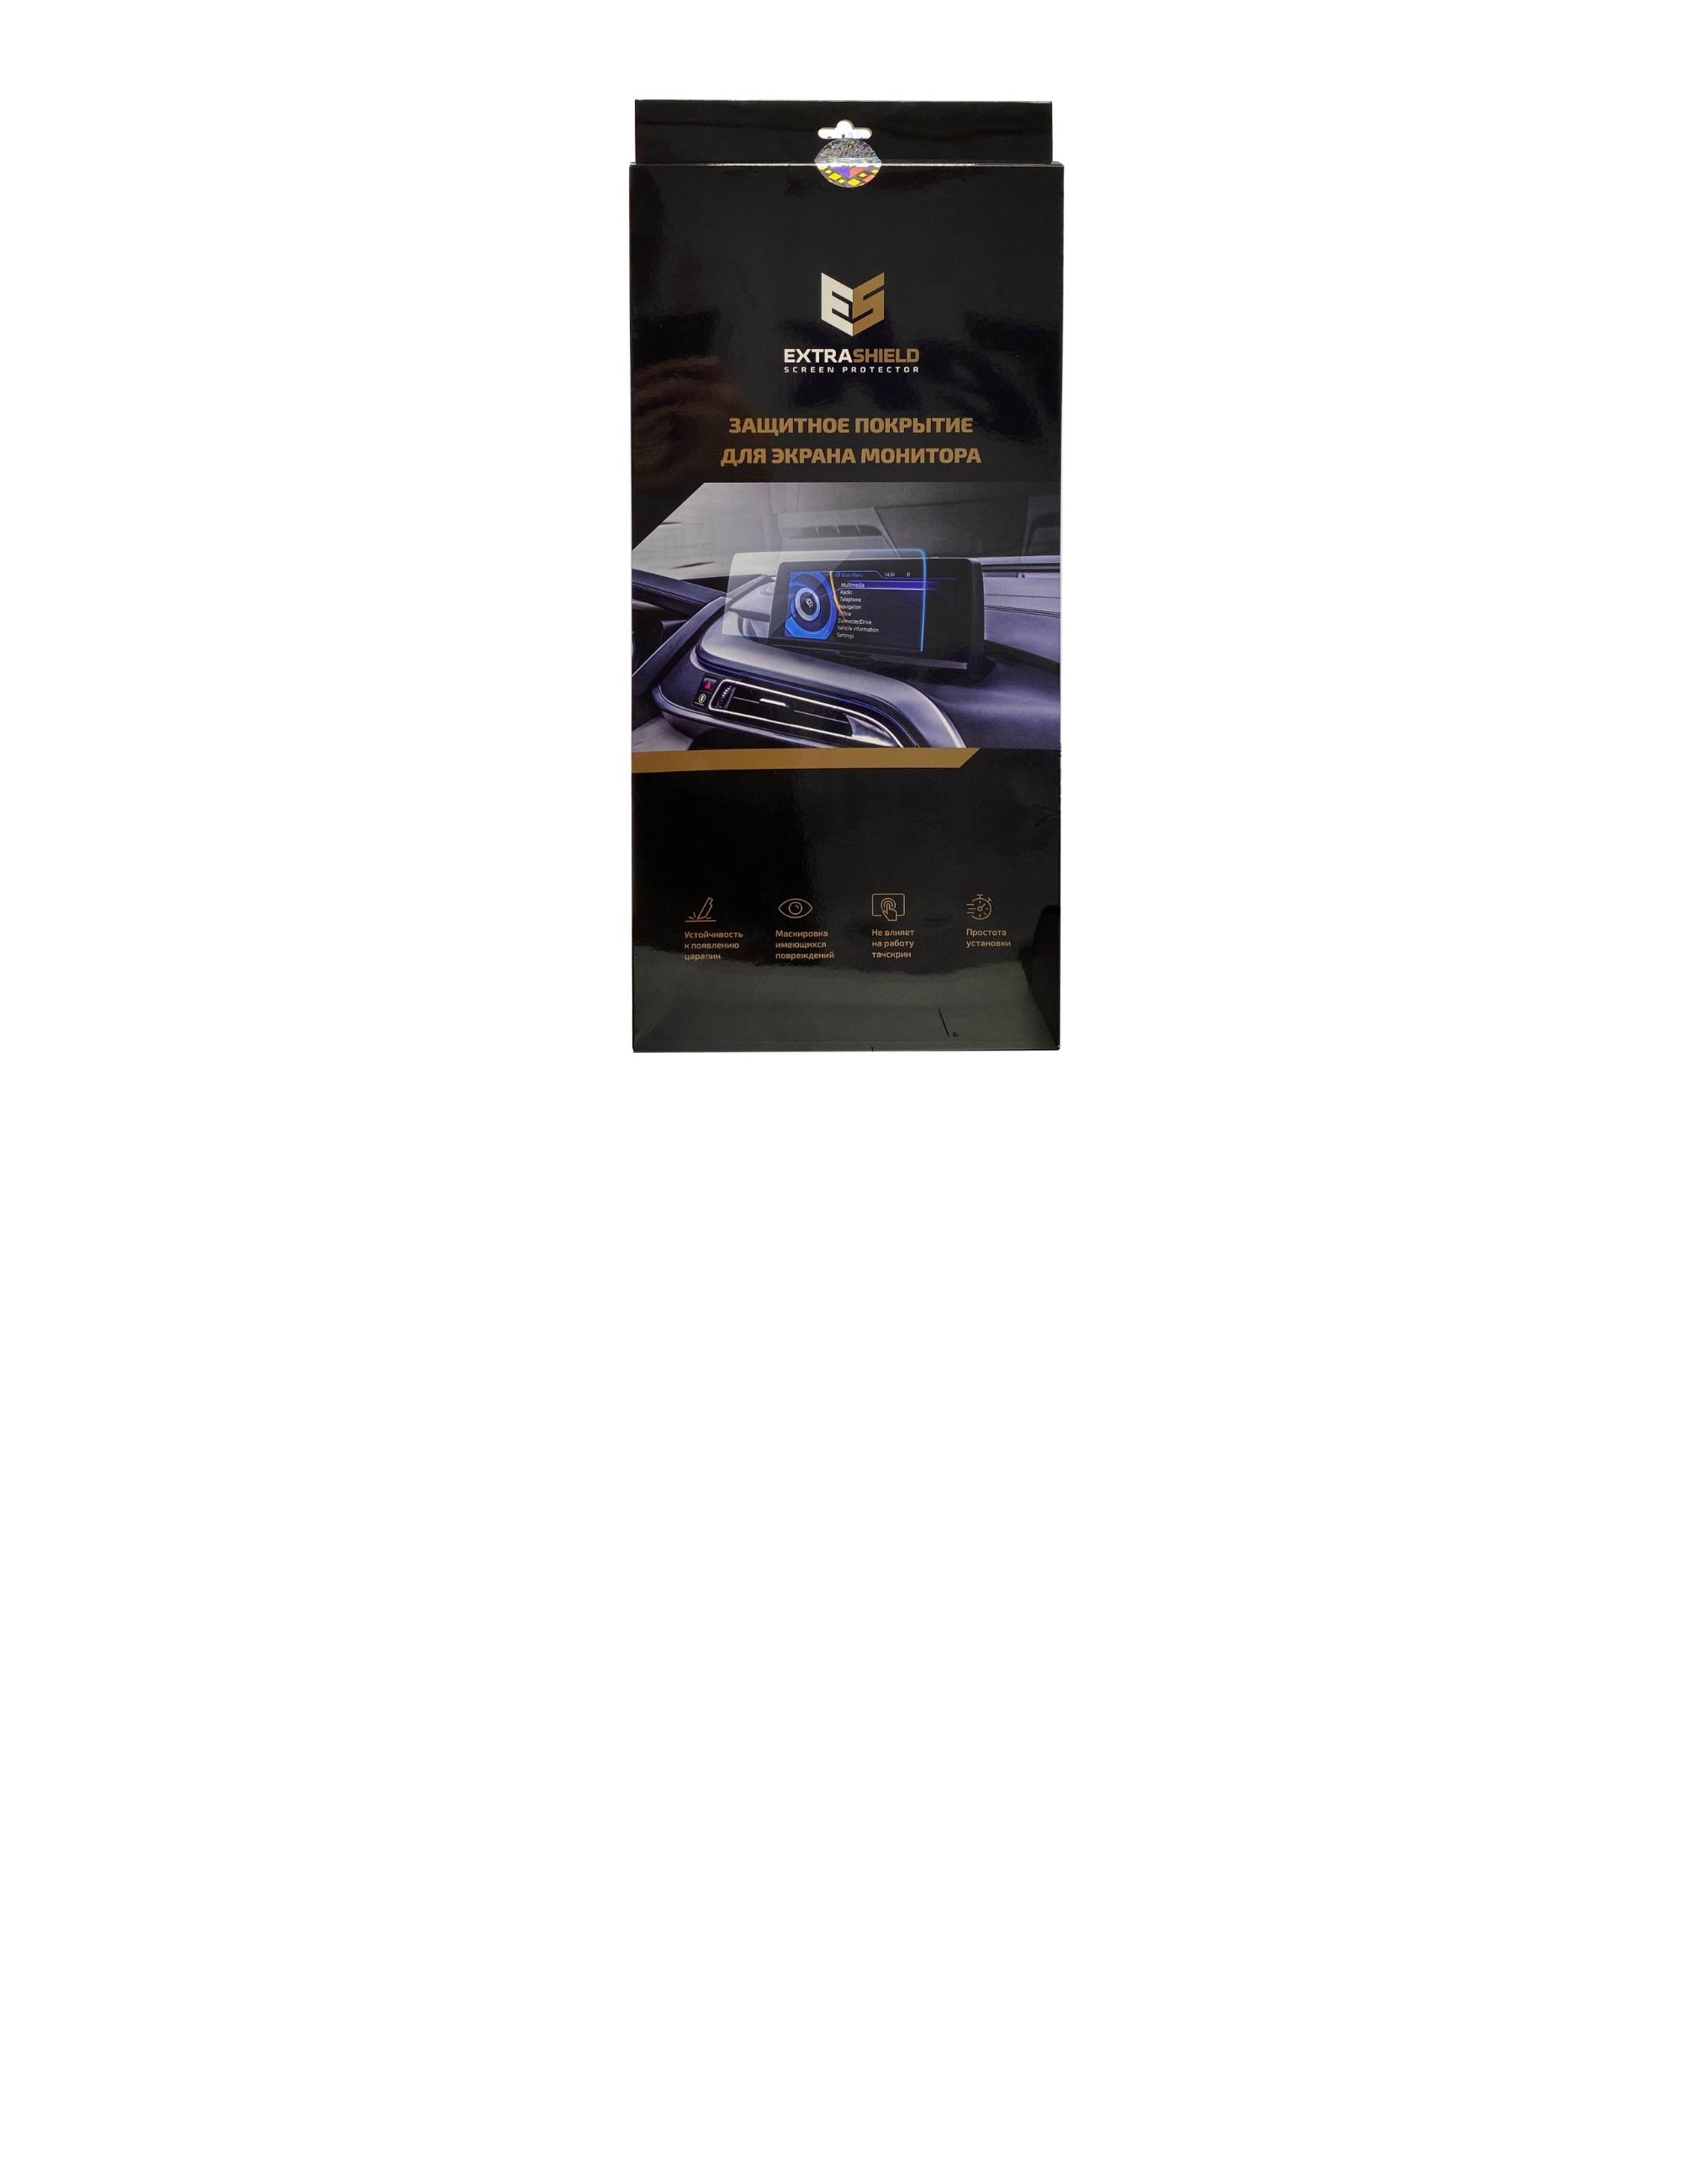 Skoda Kodiaq 2016 - н.в. мультимедиа  Columbus 9.2 Защитное стекло Матовая